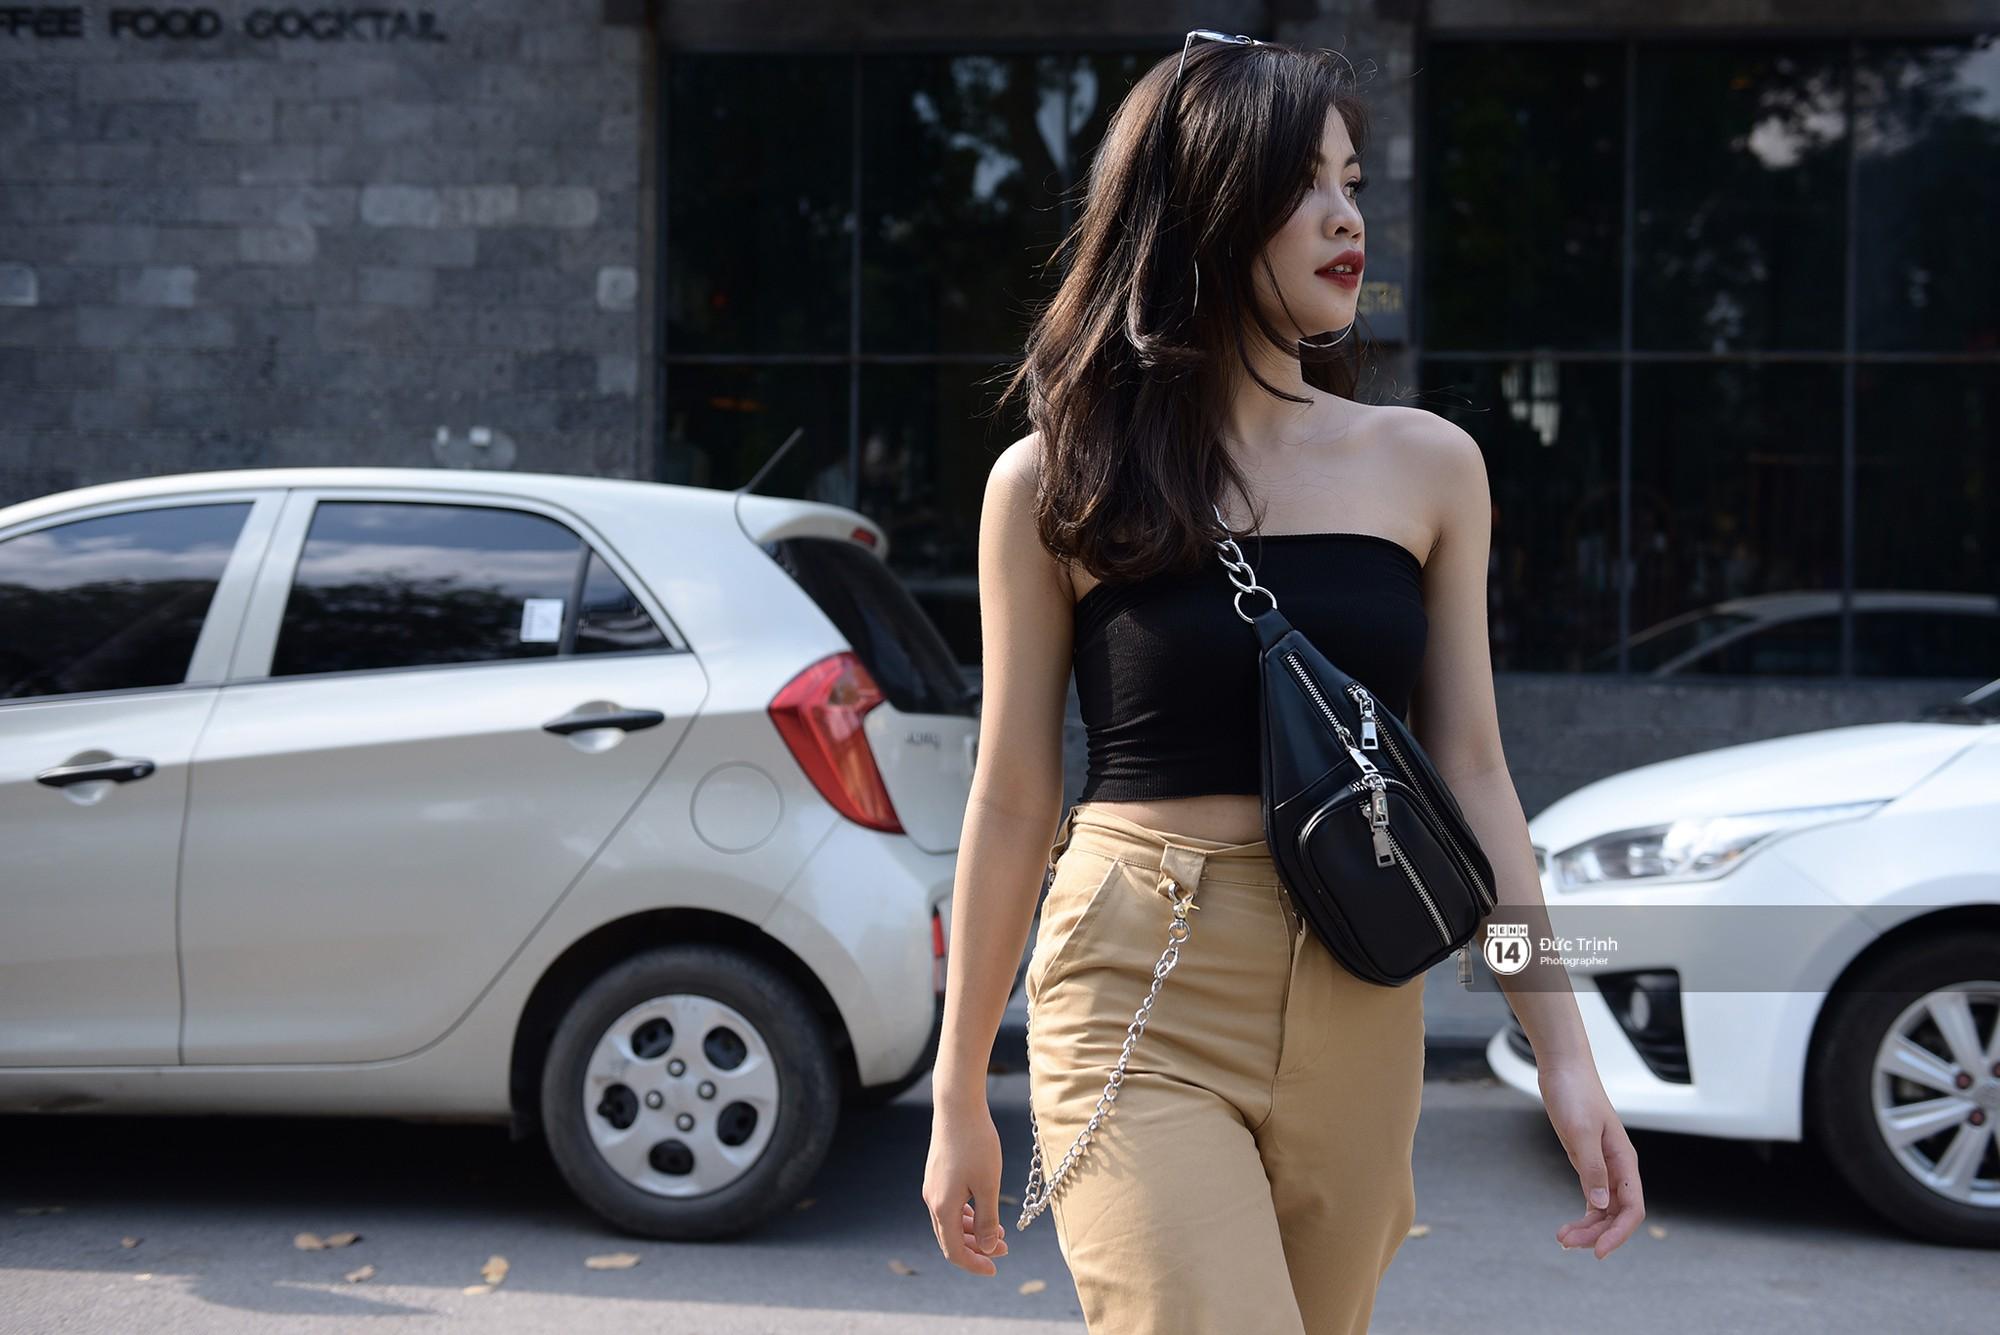 Street style giới trẻ Việt: Hà Nội toàn áo 2 dây và xuyên thấu mát mẻ; Sài Gòn vẫn điệp khúc càng ấm càng chất - Ảnh 4.